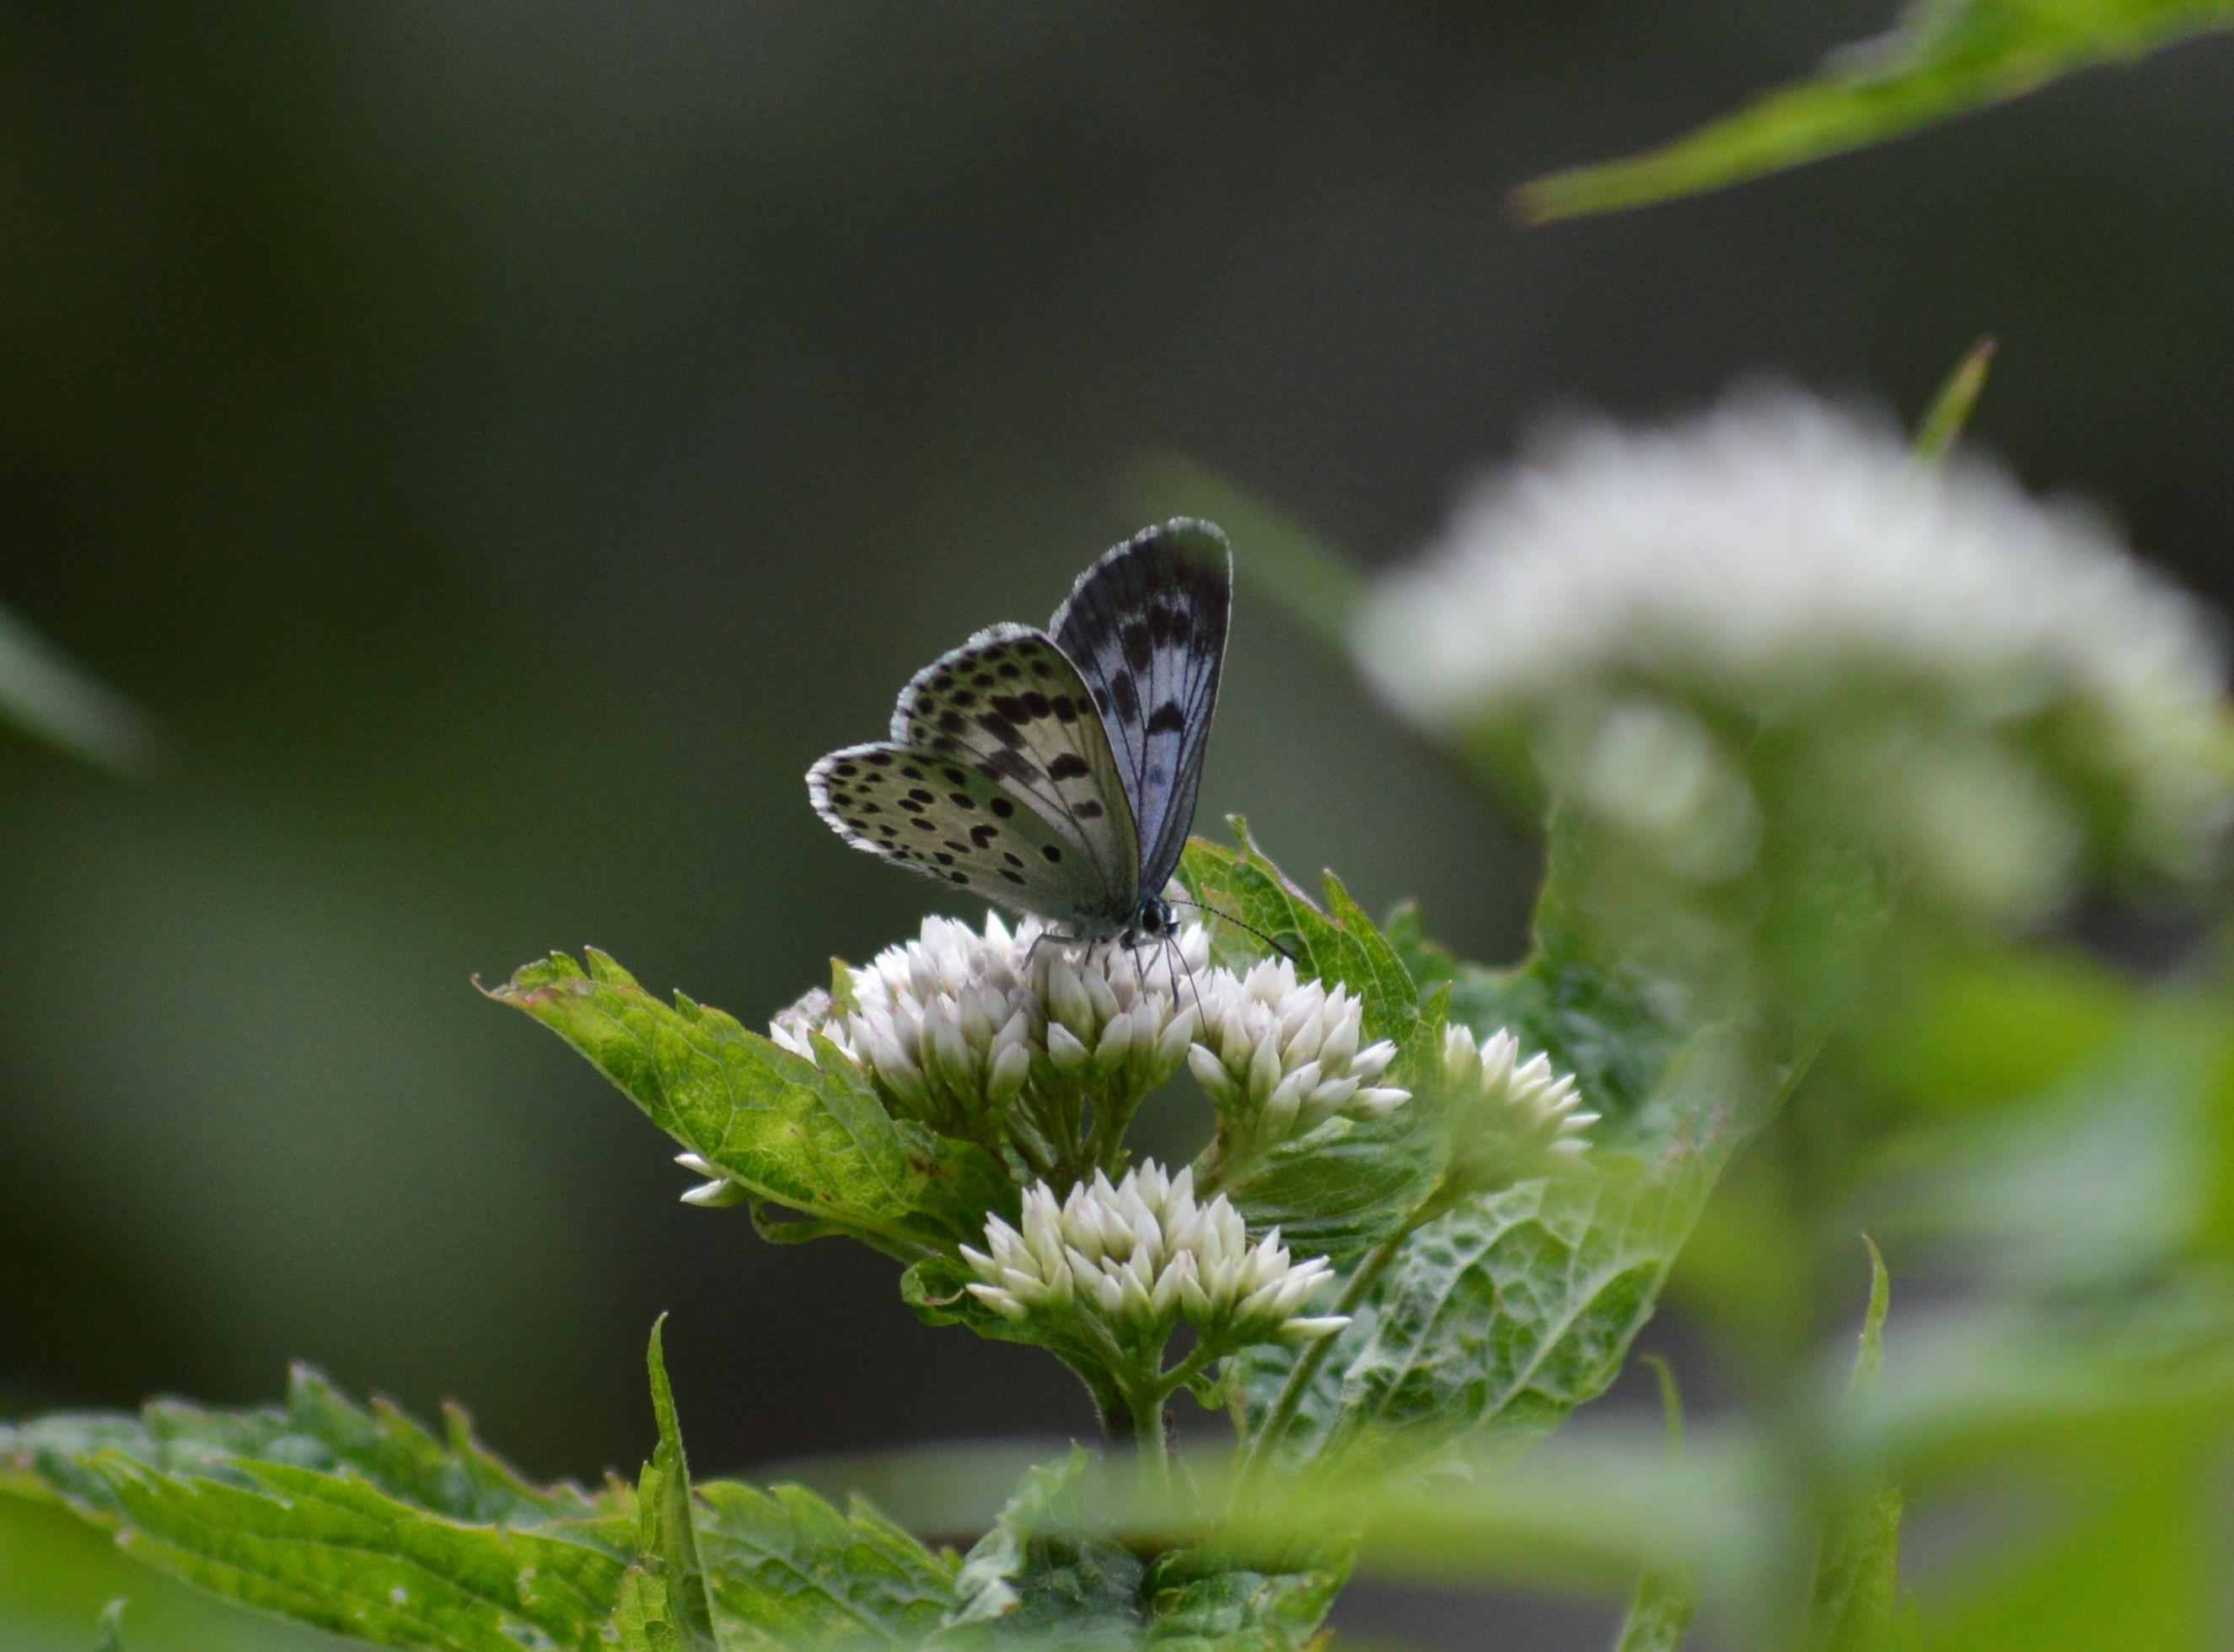 オオゴマシジミ やっぱりハードルの高い蝶でした_d0254540_1525763.jpg